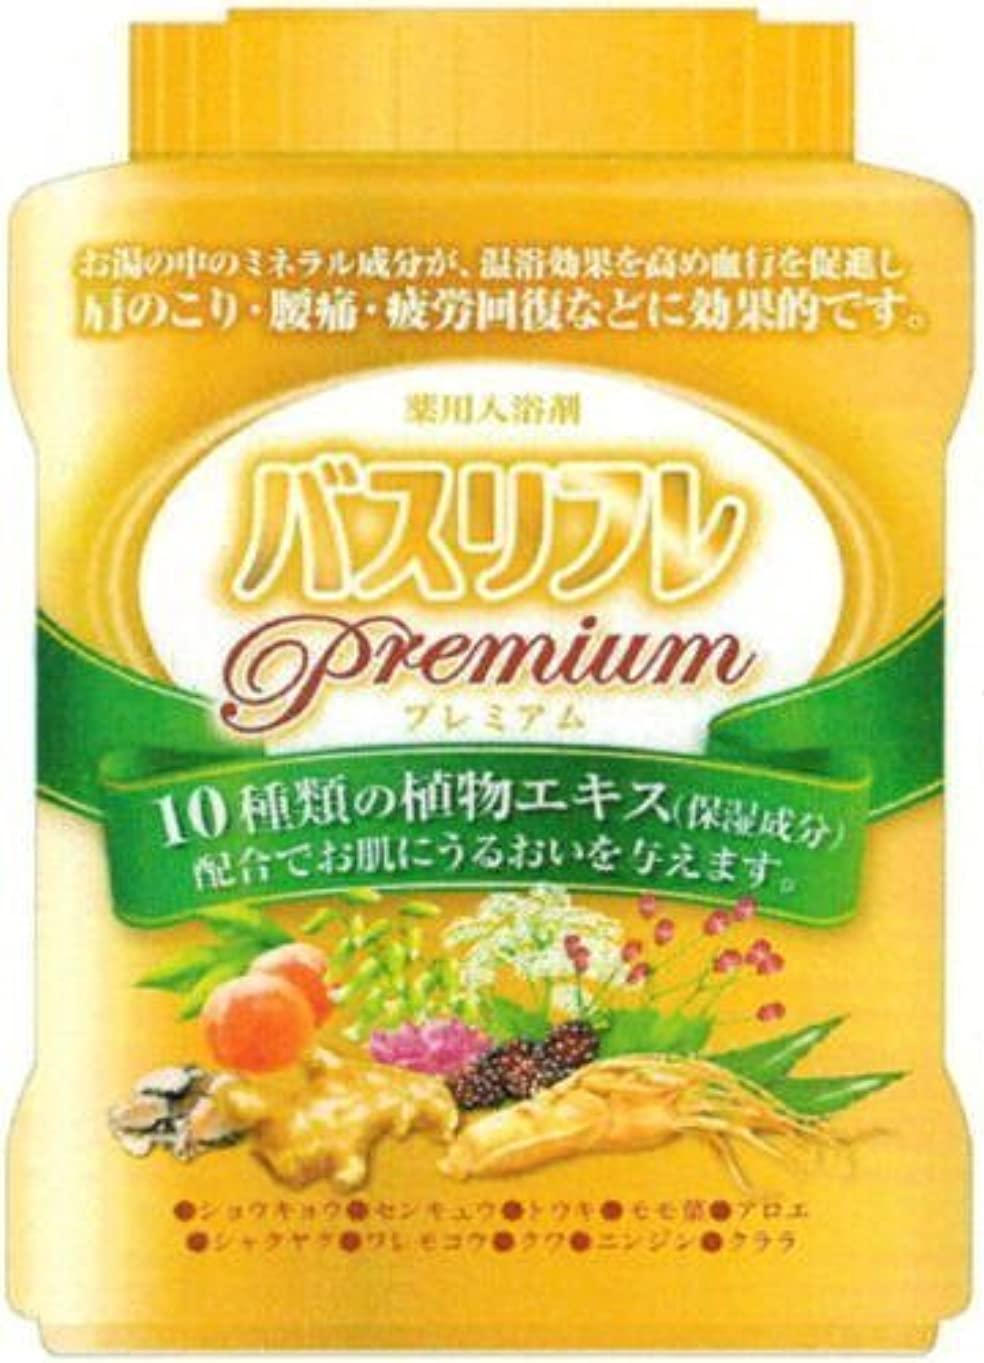 ライオンケミカル バスリフレ 薬用入浴剤プレミアム 680g Japan